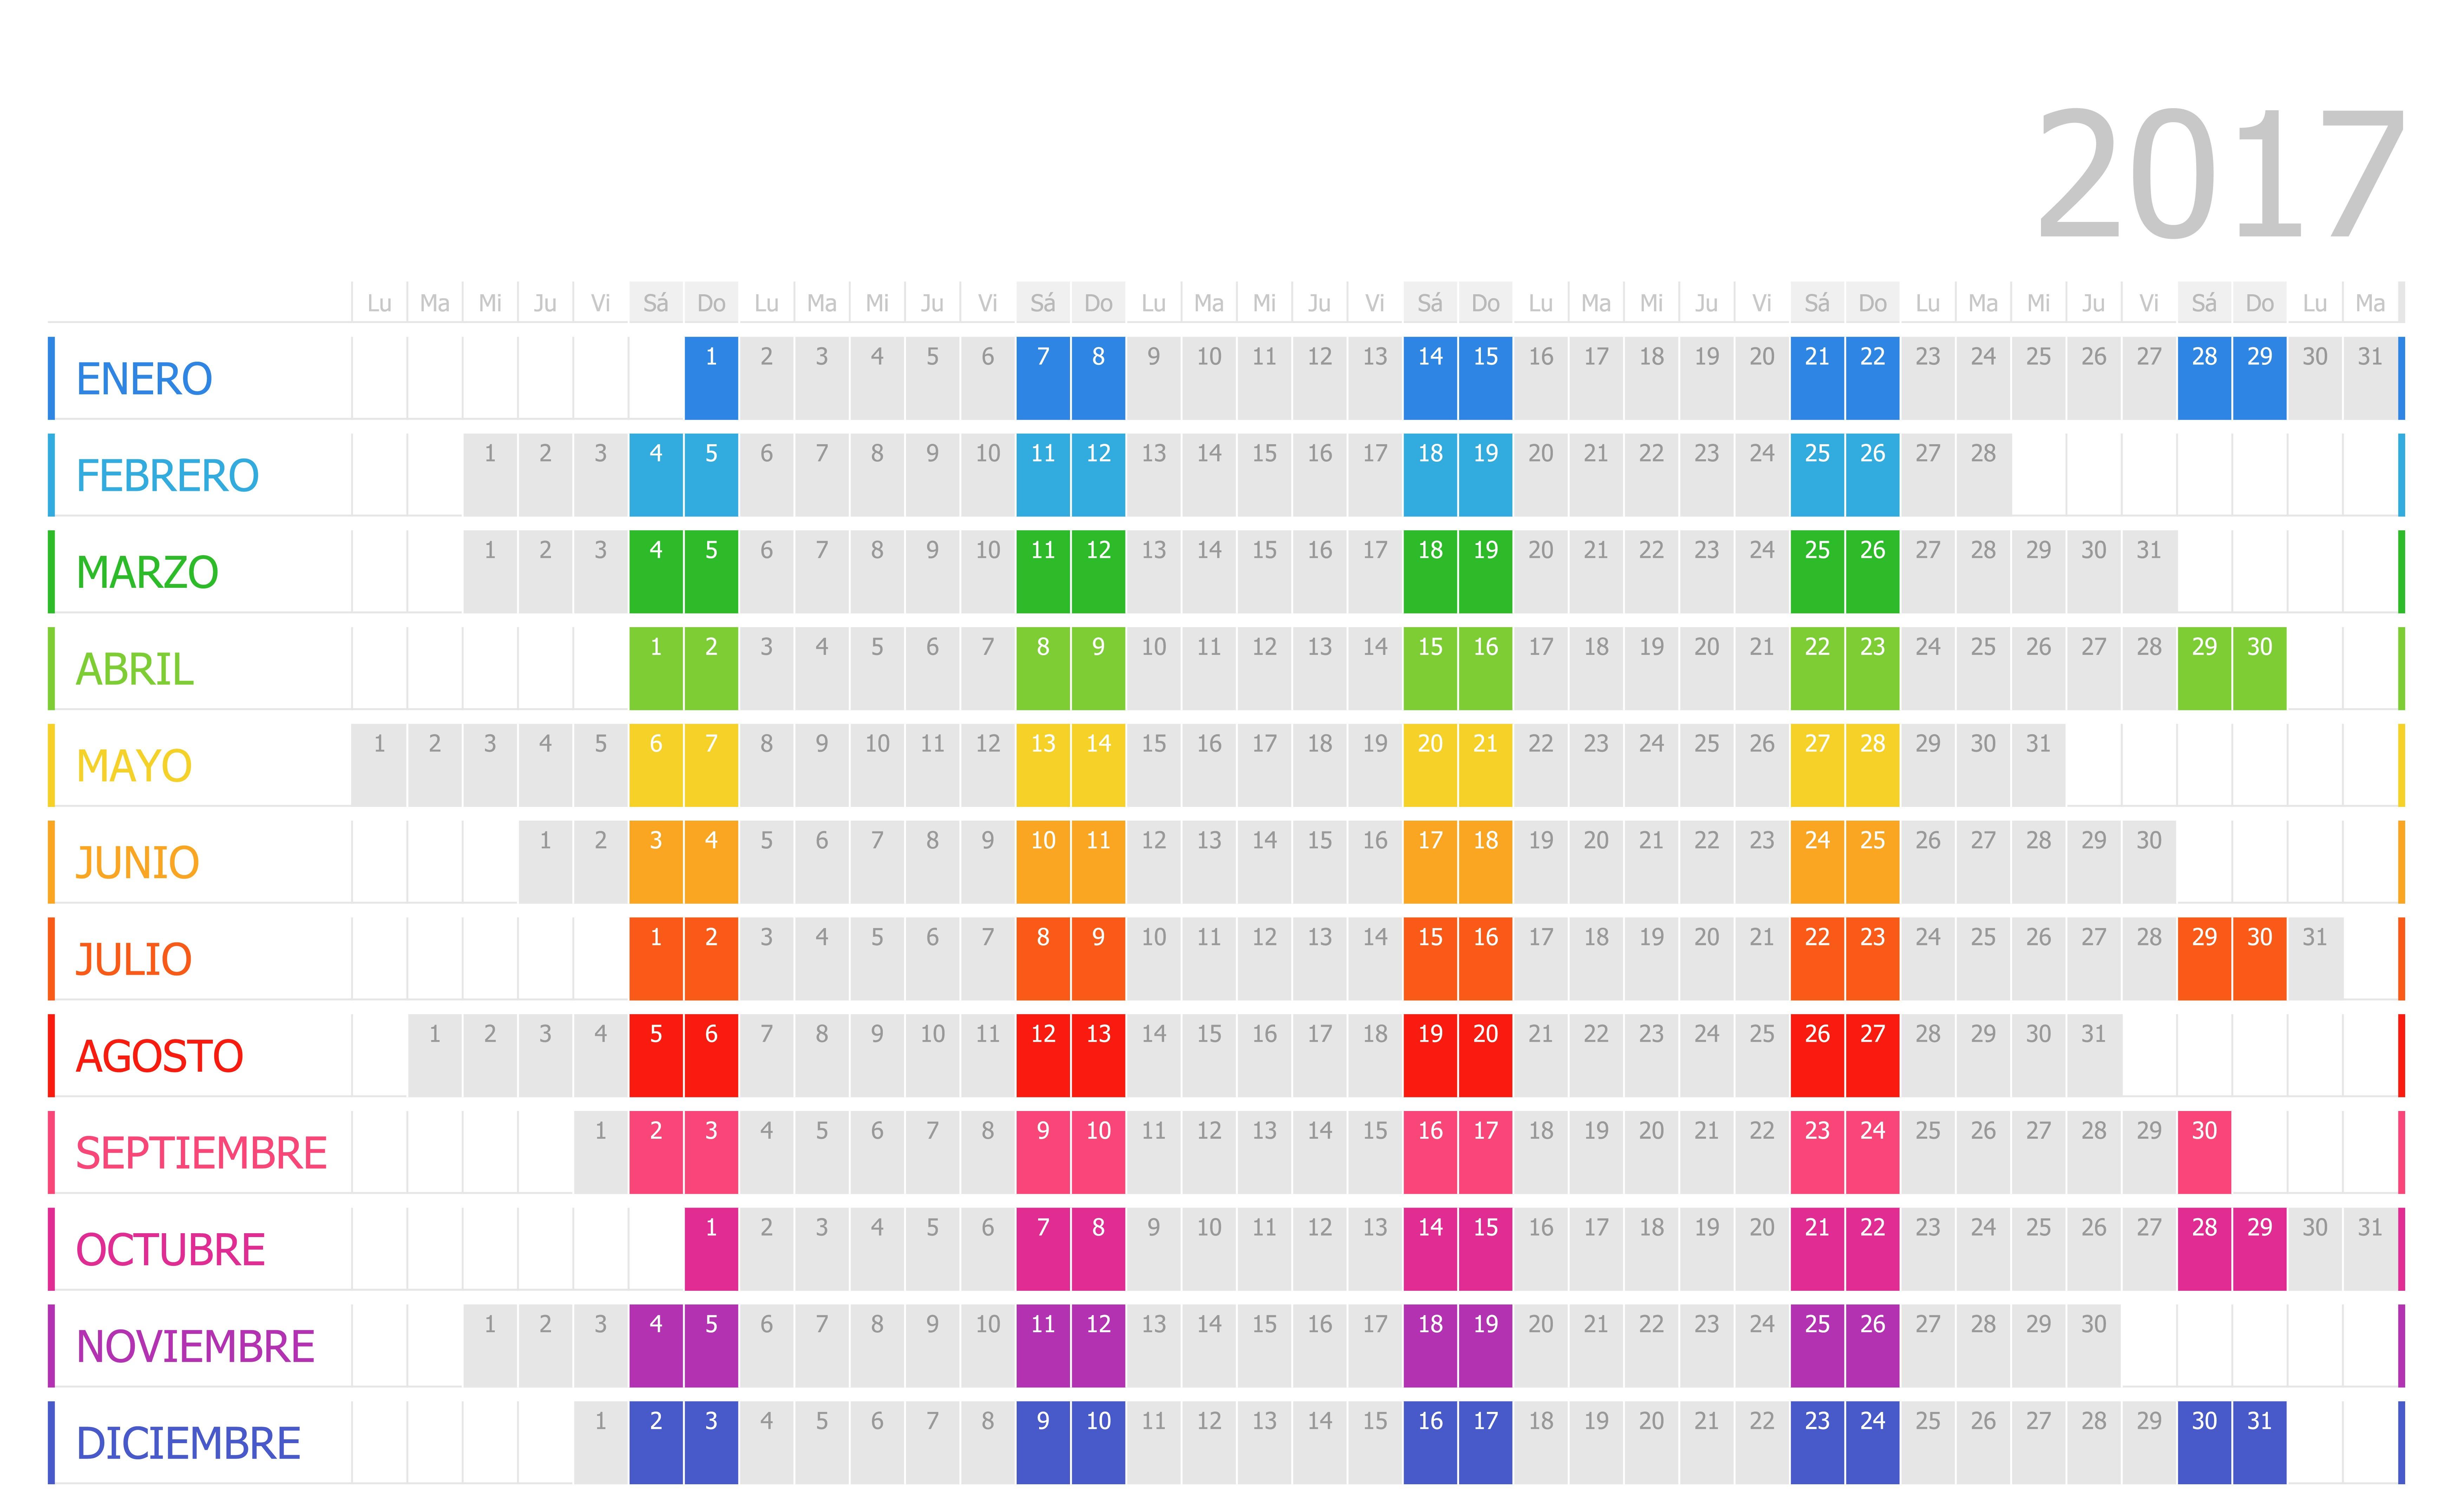 Calendario Imprimir Meses 2017 Más Recientes Agendas 2017 originales Galera De Dise±o Para El Hogar Gomved Of Calendario Imprimir Meses 2017 Más Populares Calendario Diciembre 47 Para Imprimir